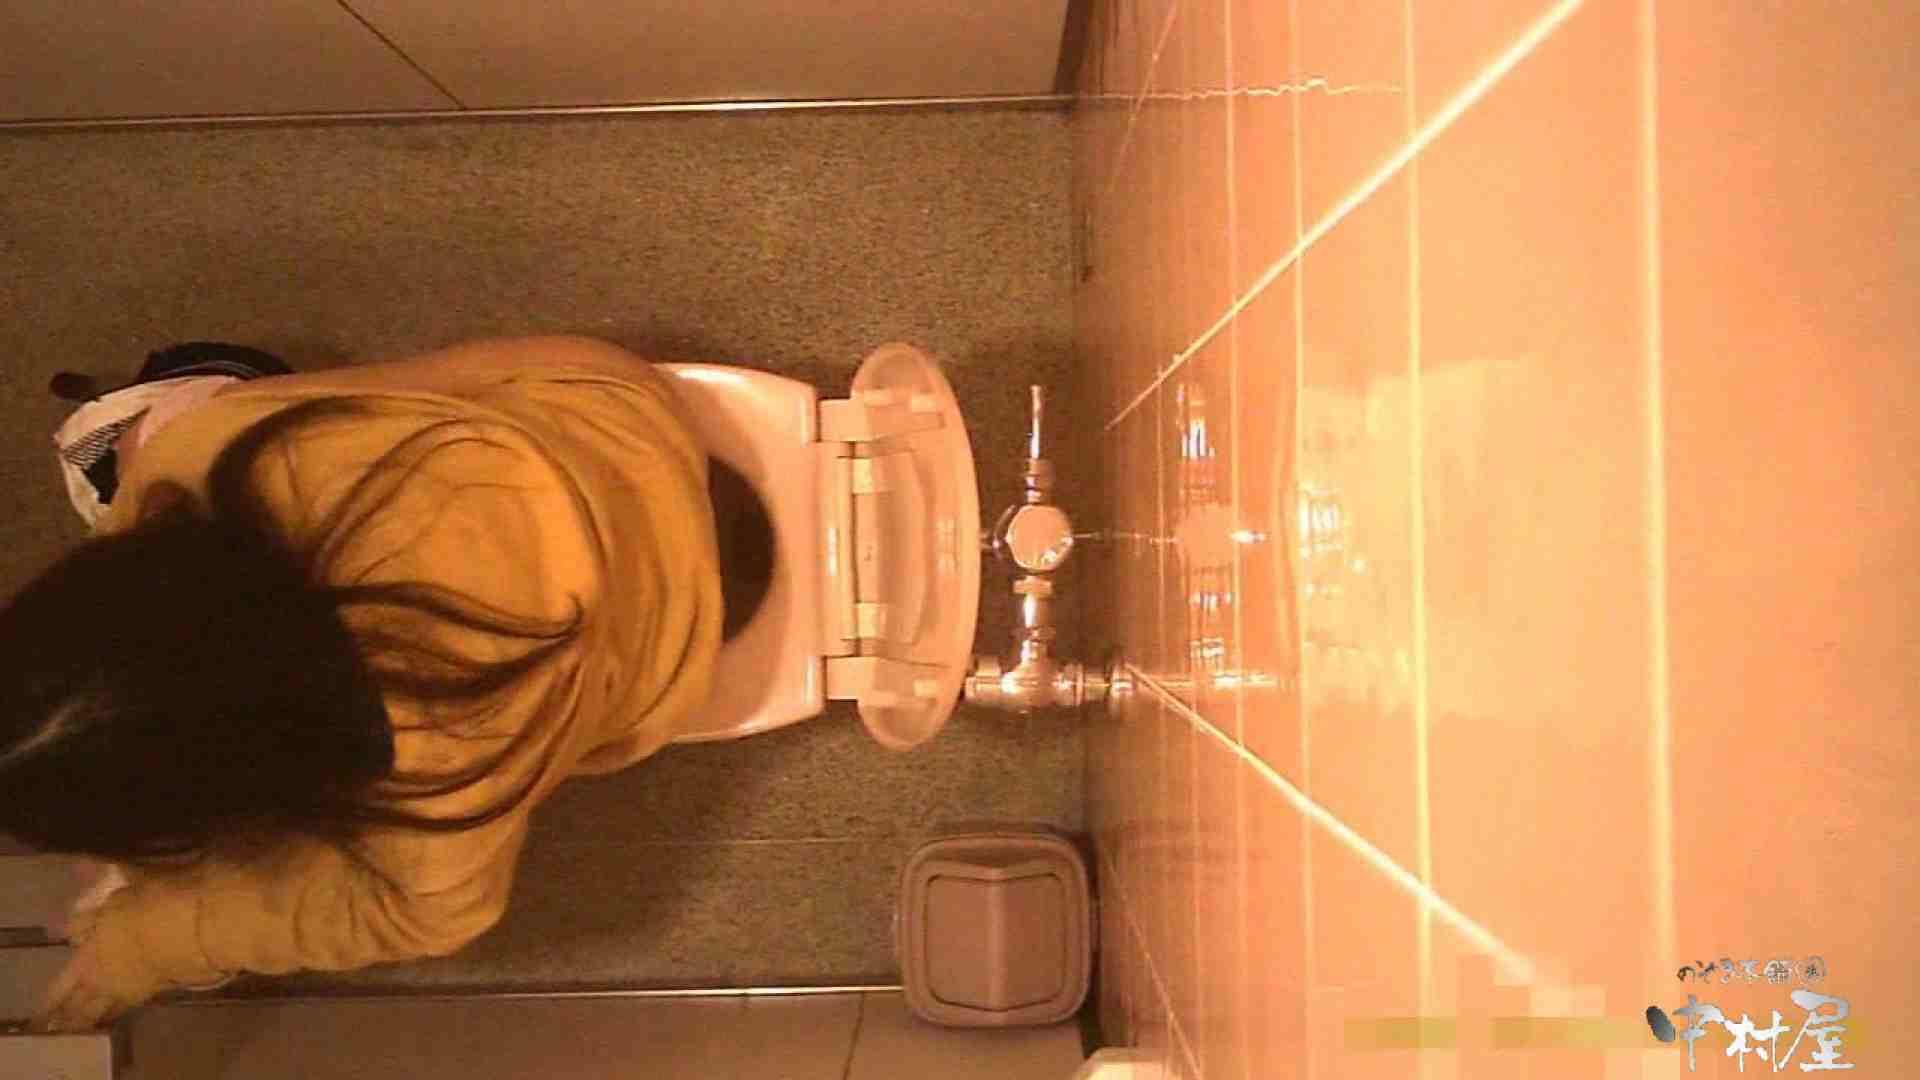 初盗撮!女盗撮師カレンさんの 潜入!女子トイレ盗撮!Vol.5 美女 | 女子トイレ  99画像 14